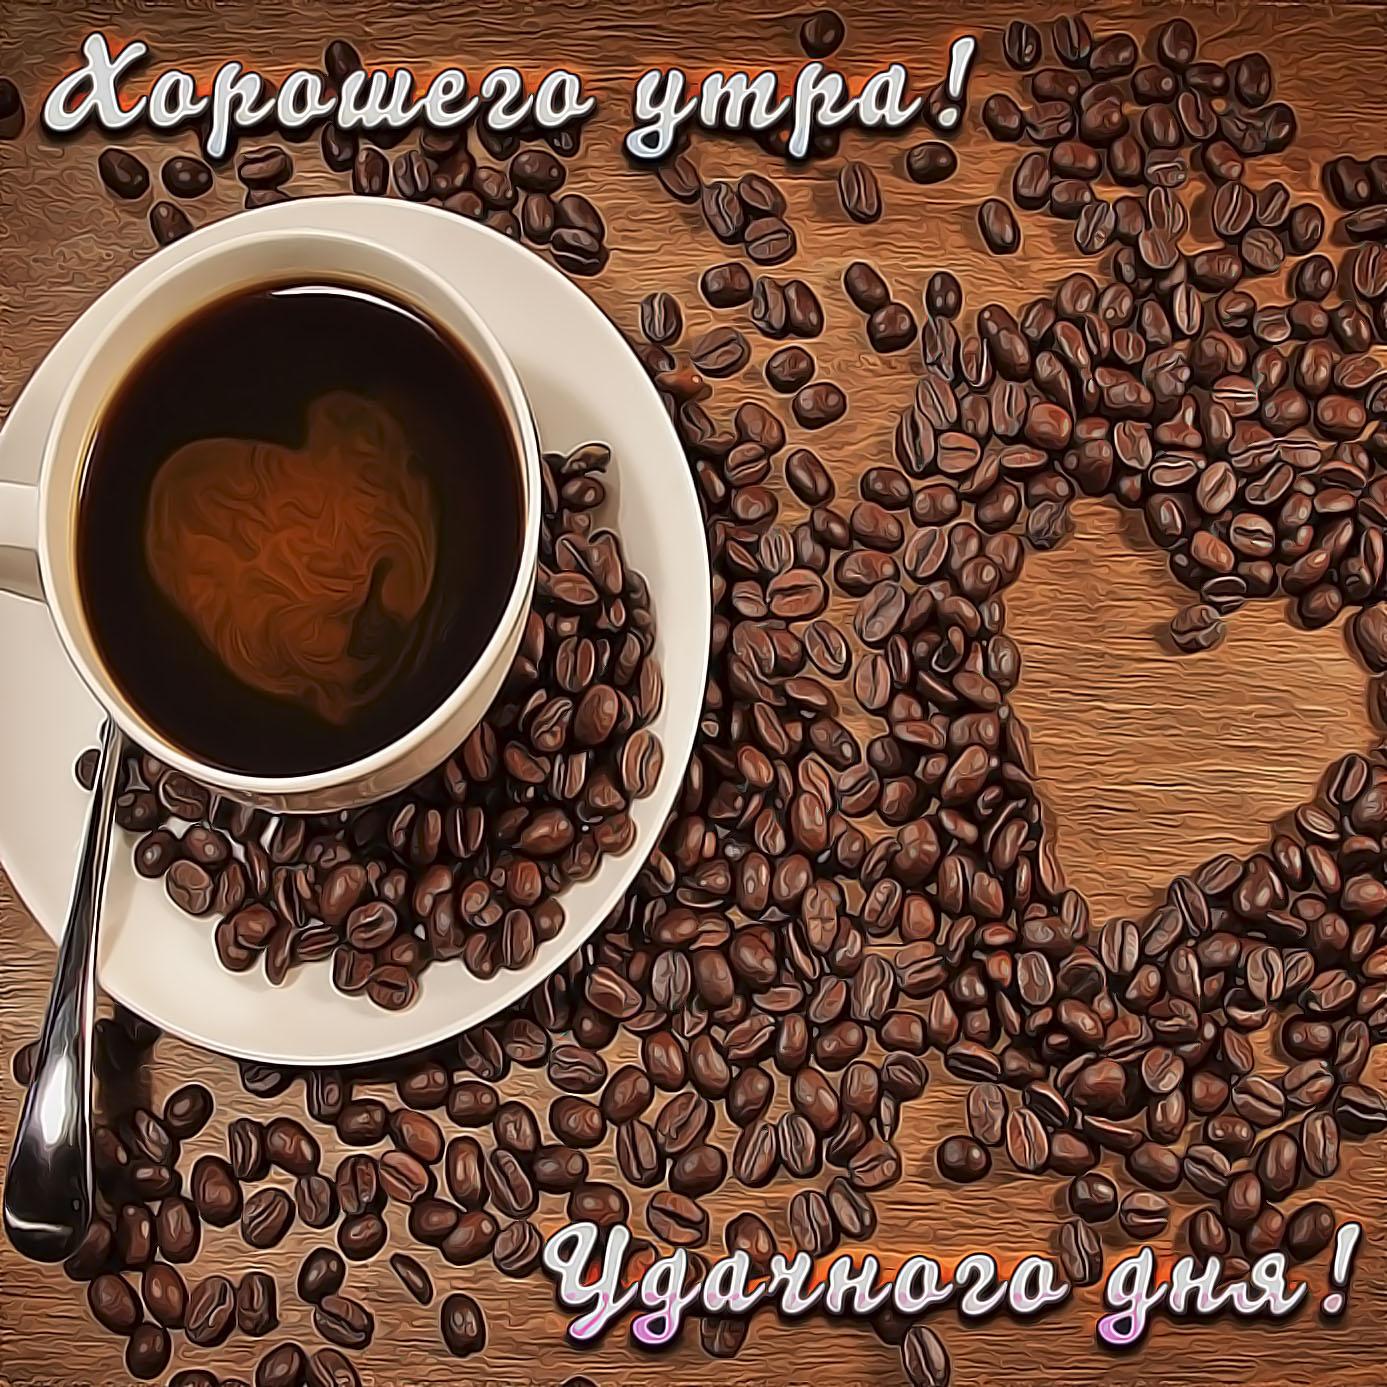 Открытка с чашкой кофе для хорошего утра